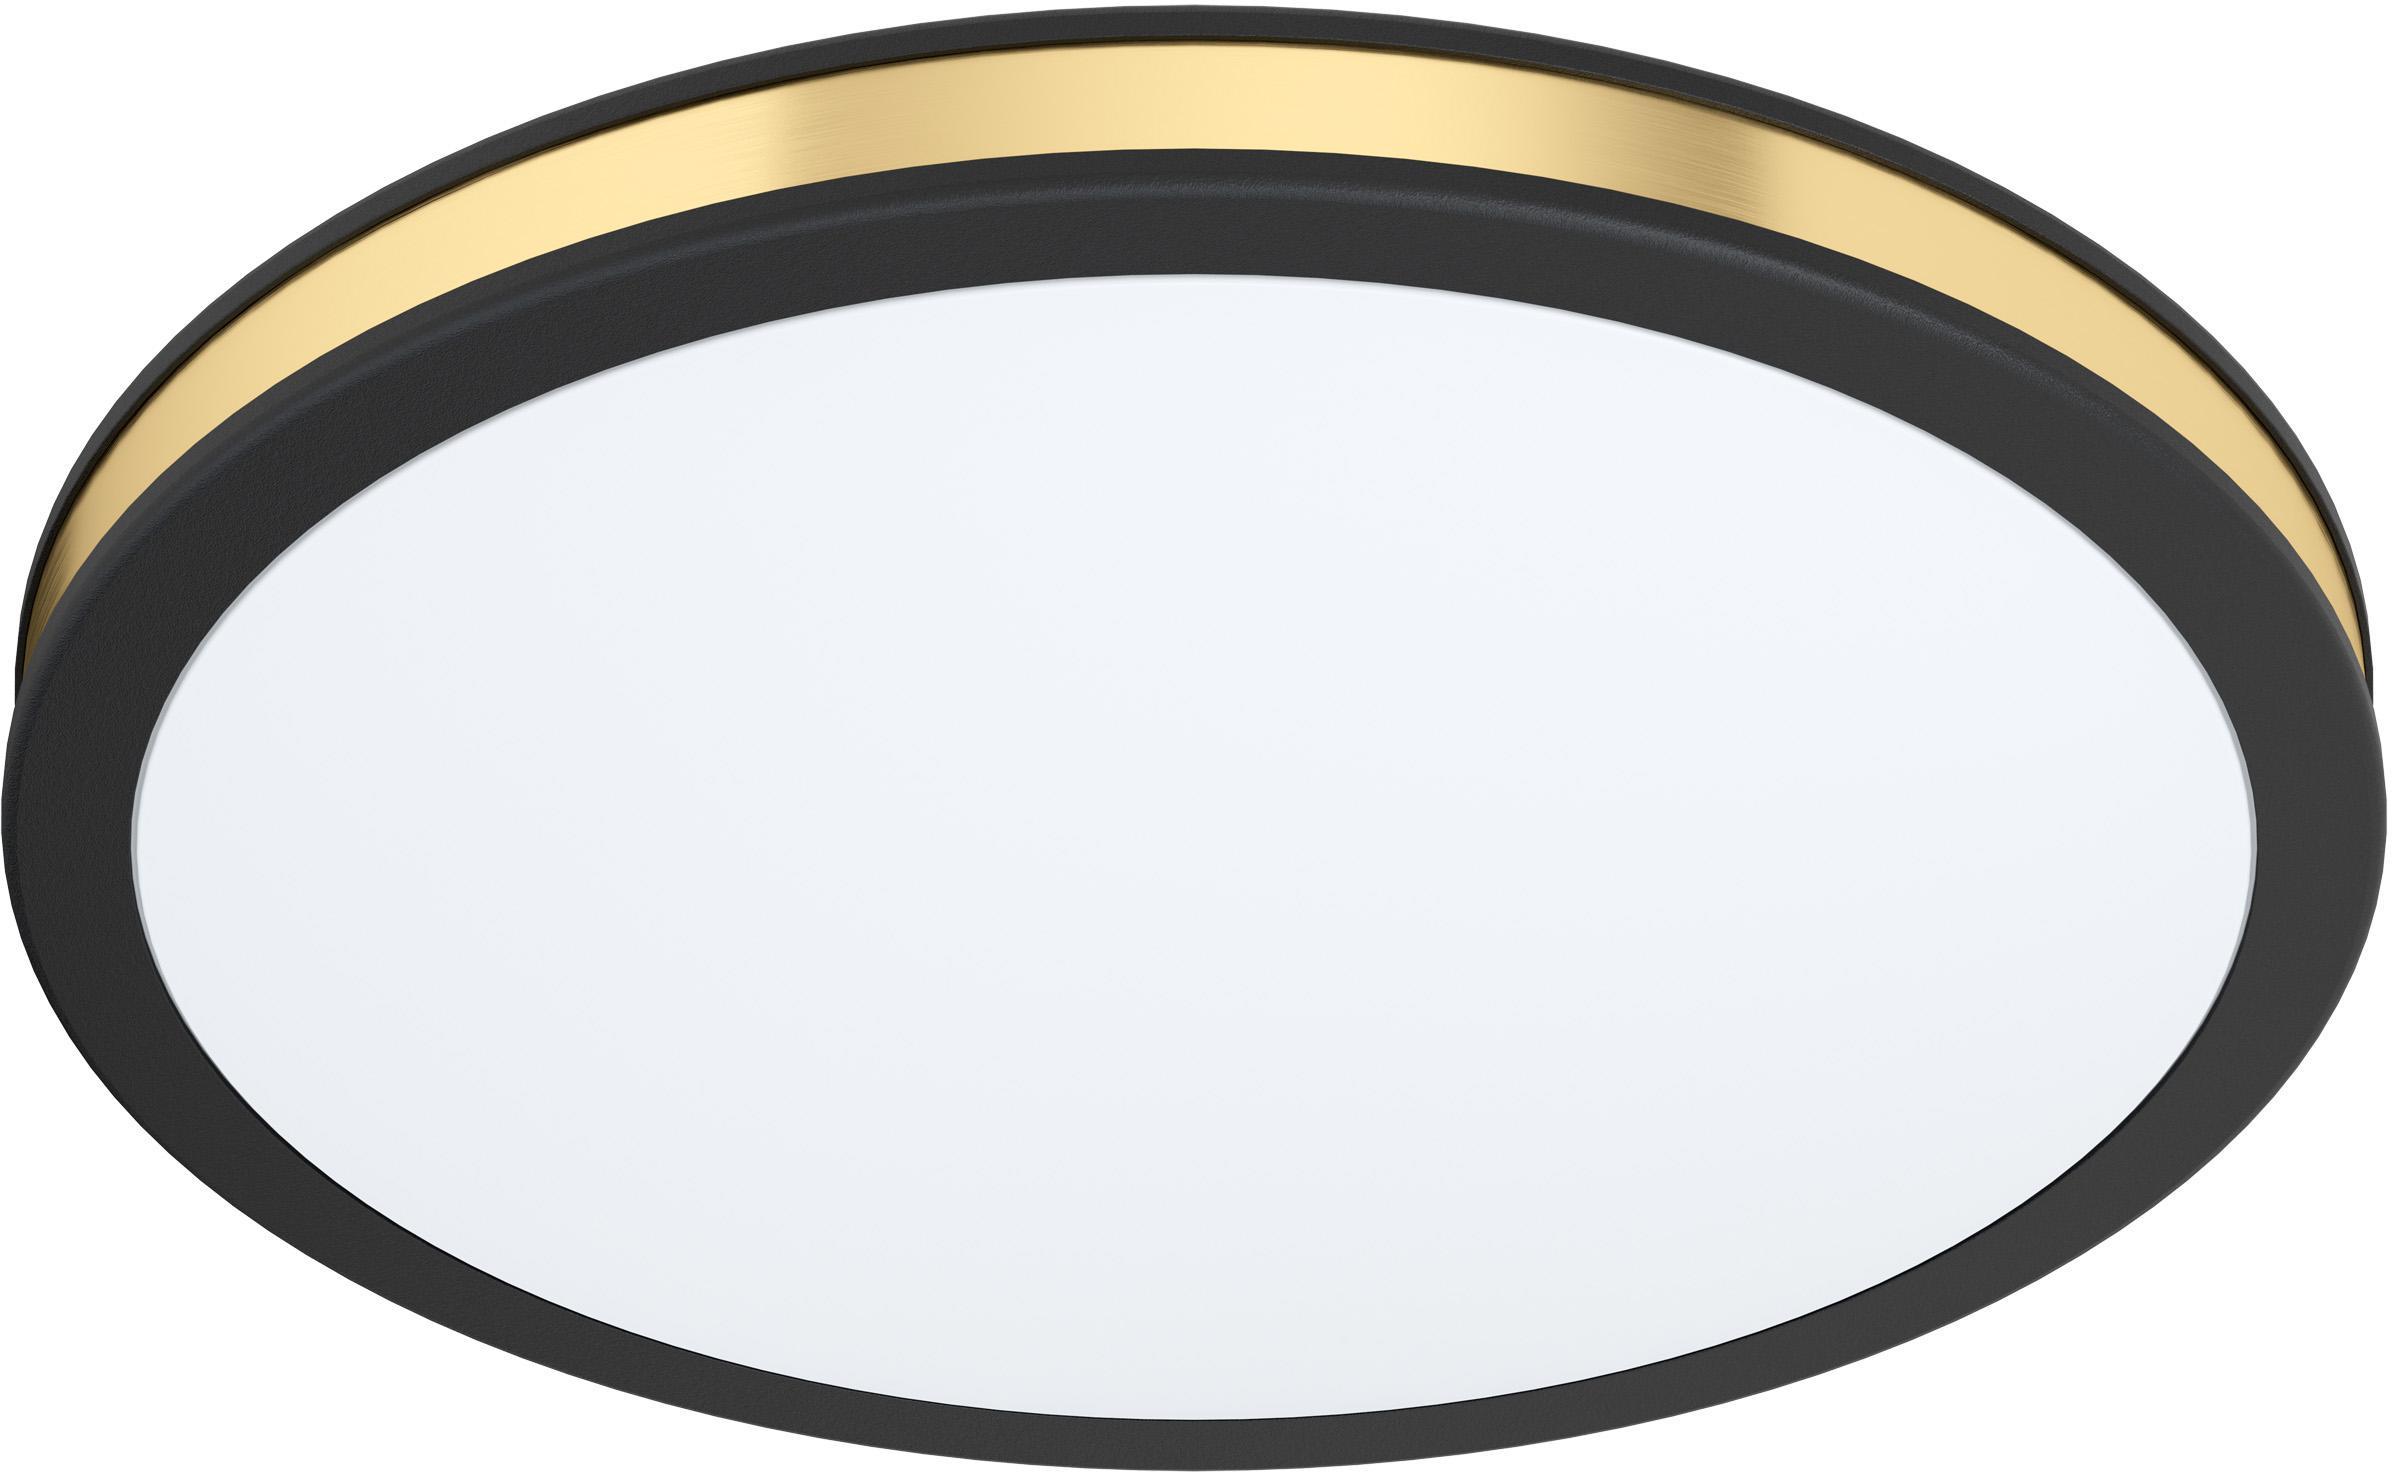 Lampa sufitowa LED Pescaito, Czarny, odcienie złotego, Ø 28 x W 5 cm